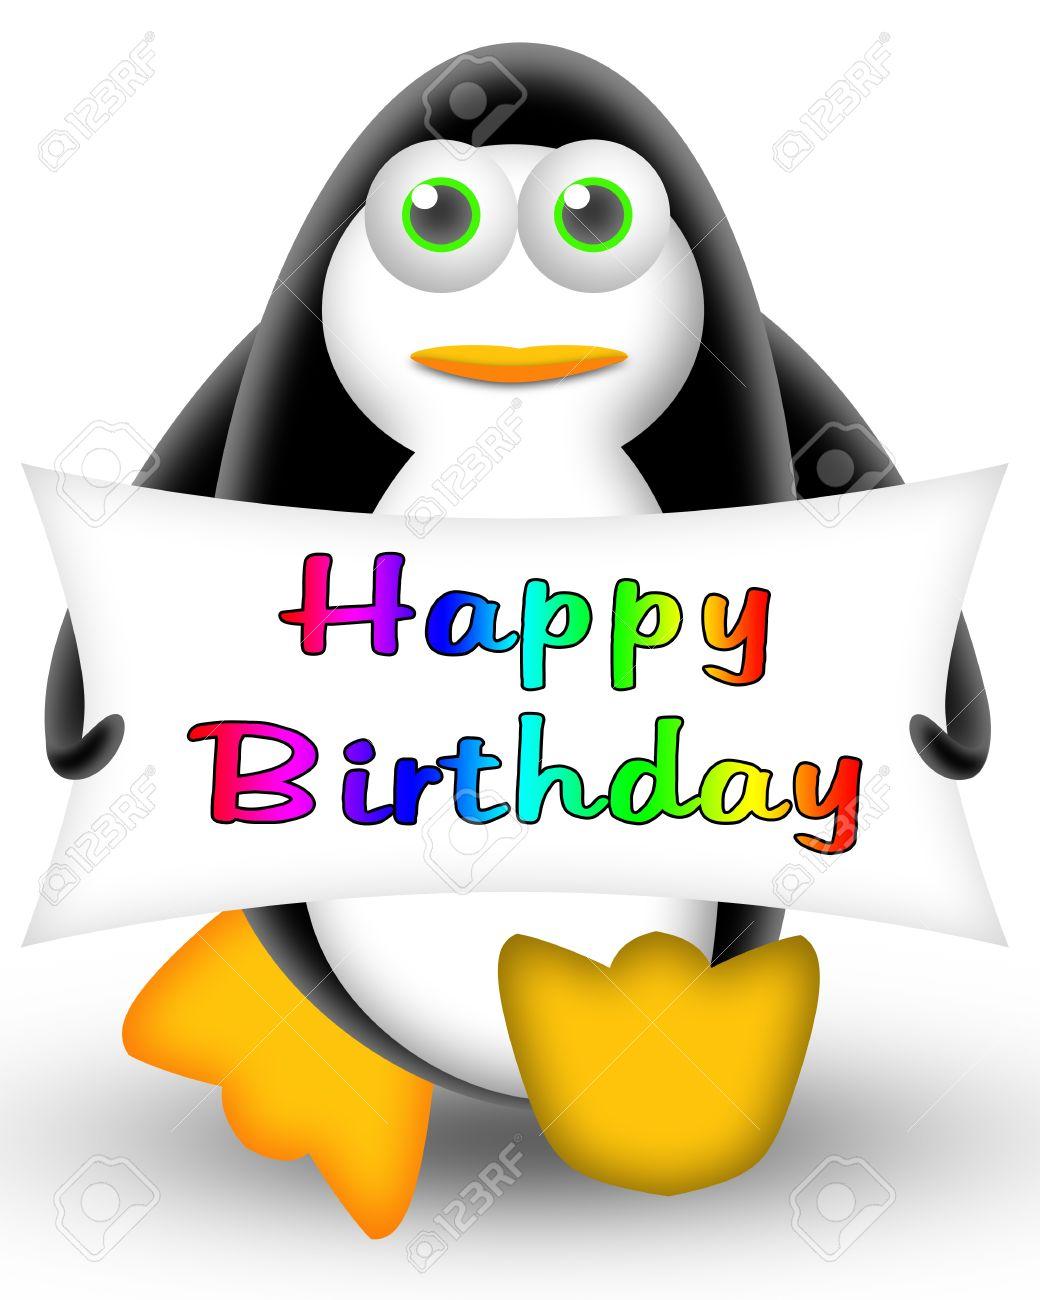 Cartoon Pinguin Mit Einer Schlagzeile Alles Gute Zum Geburtstag